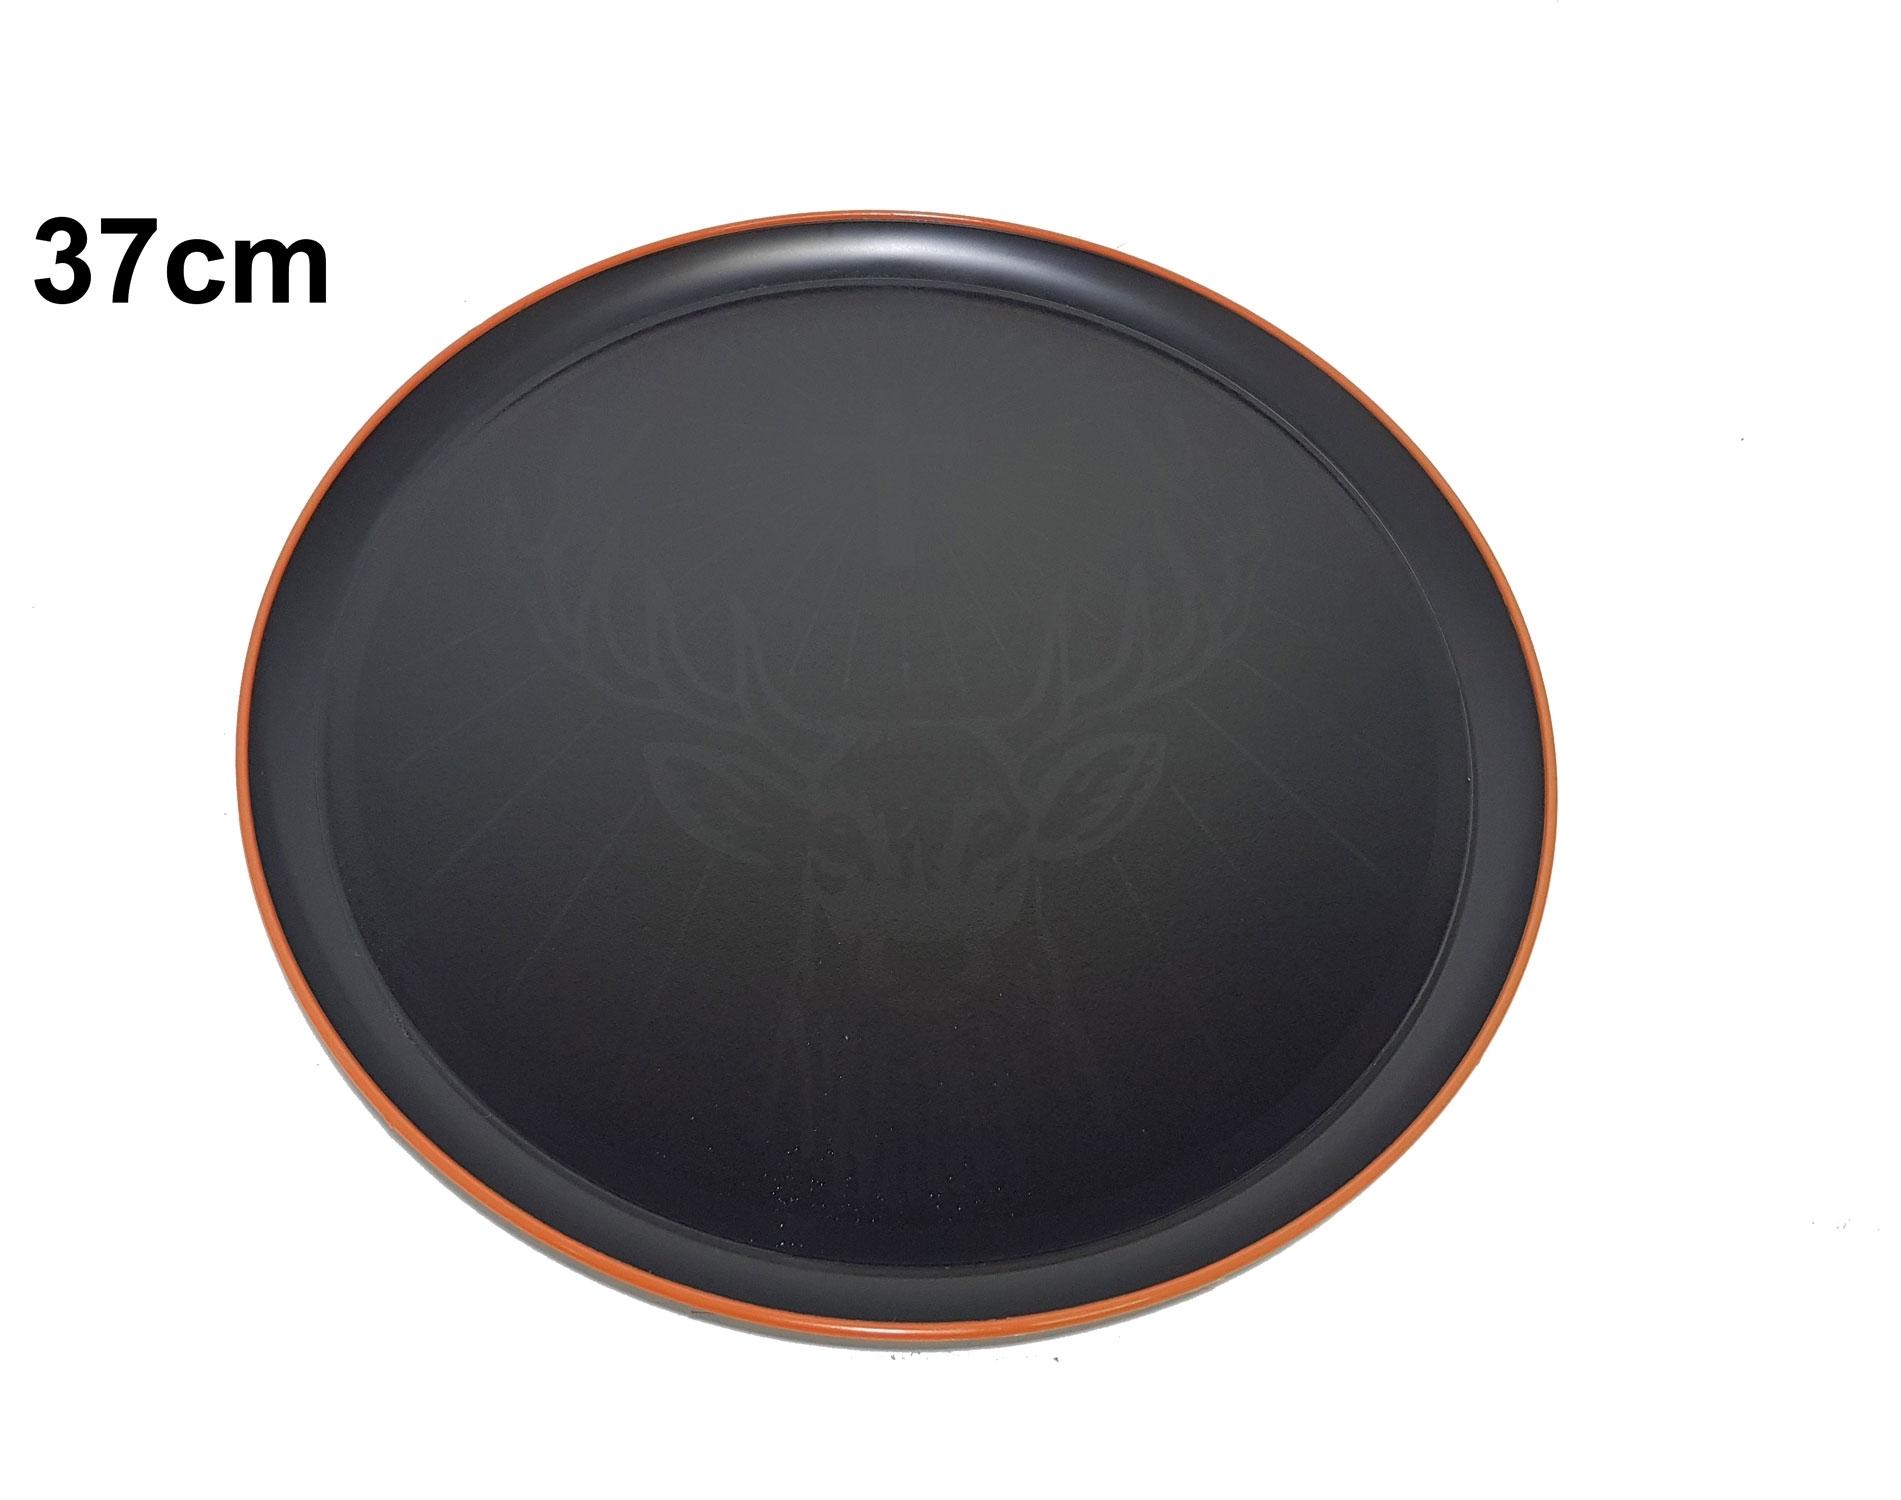 Jägermeister Tablett Serviertablett mit Elch Logo gummiert